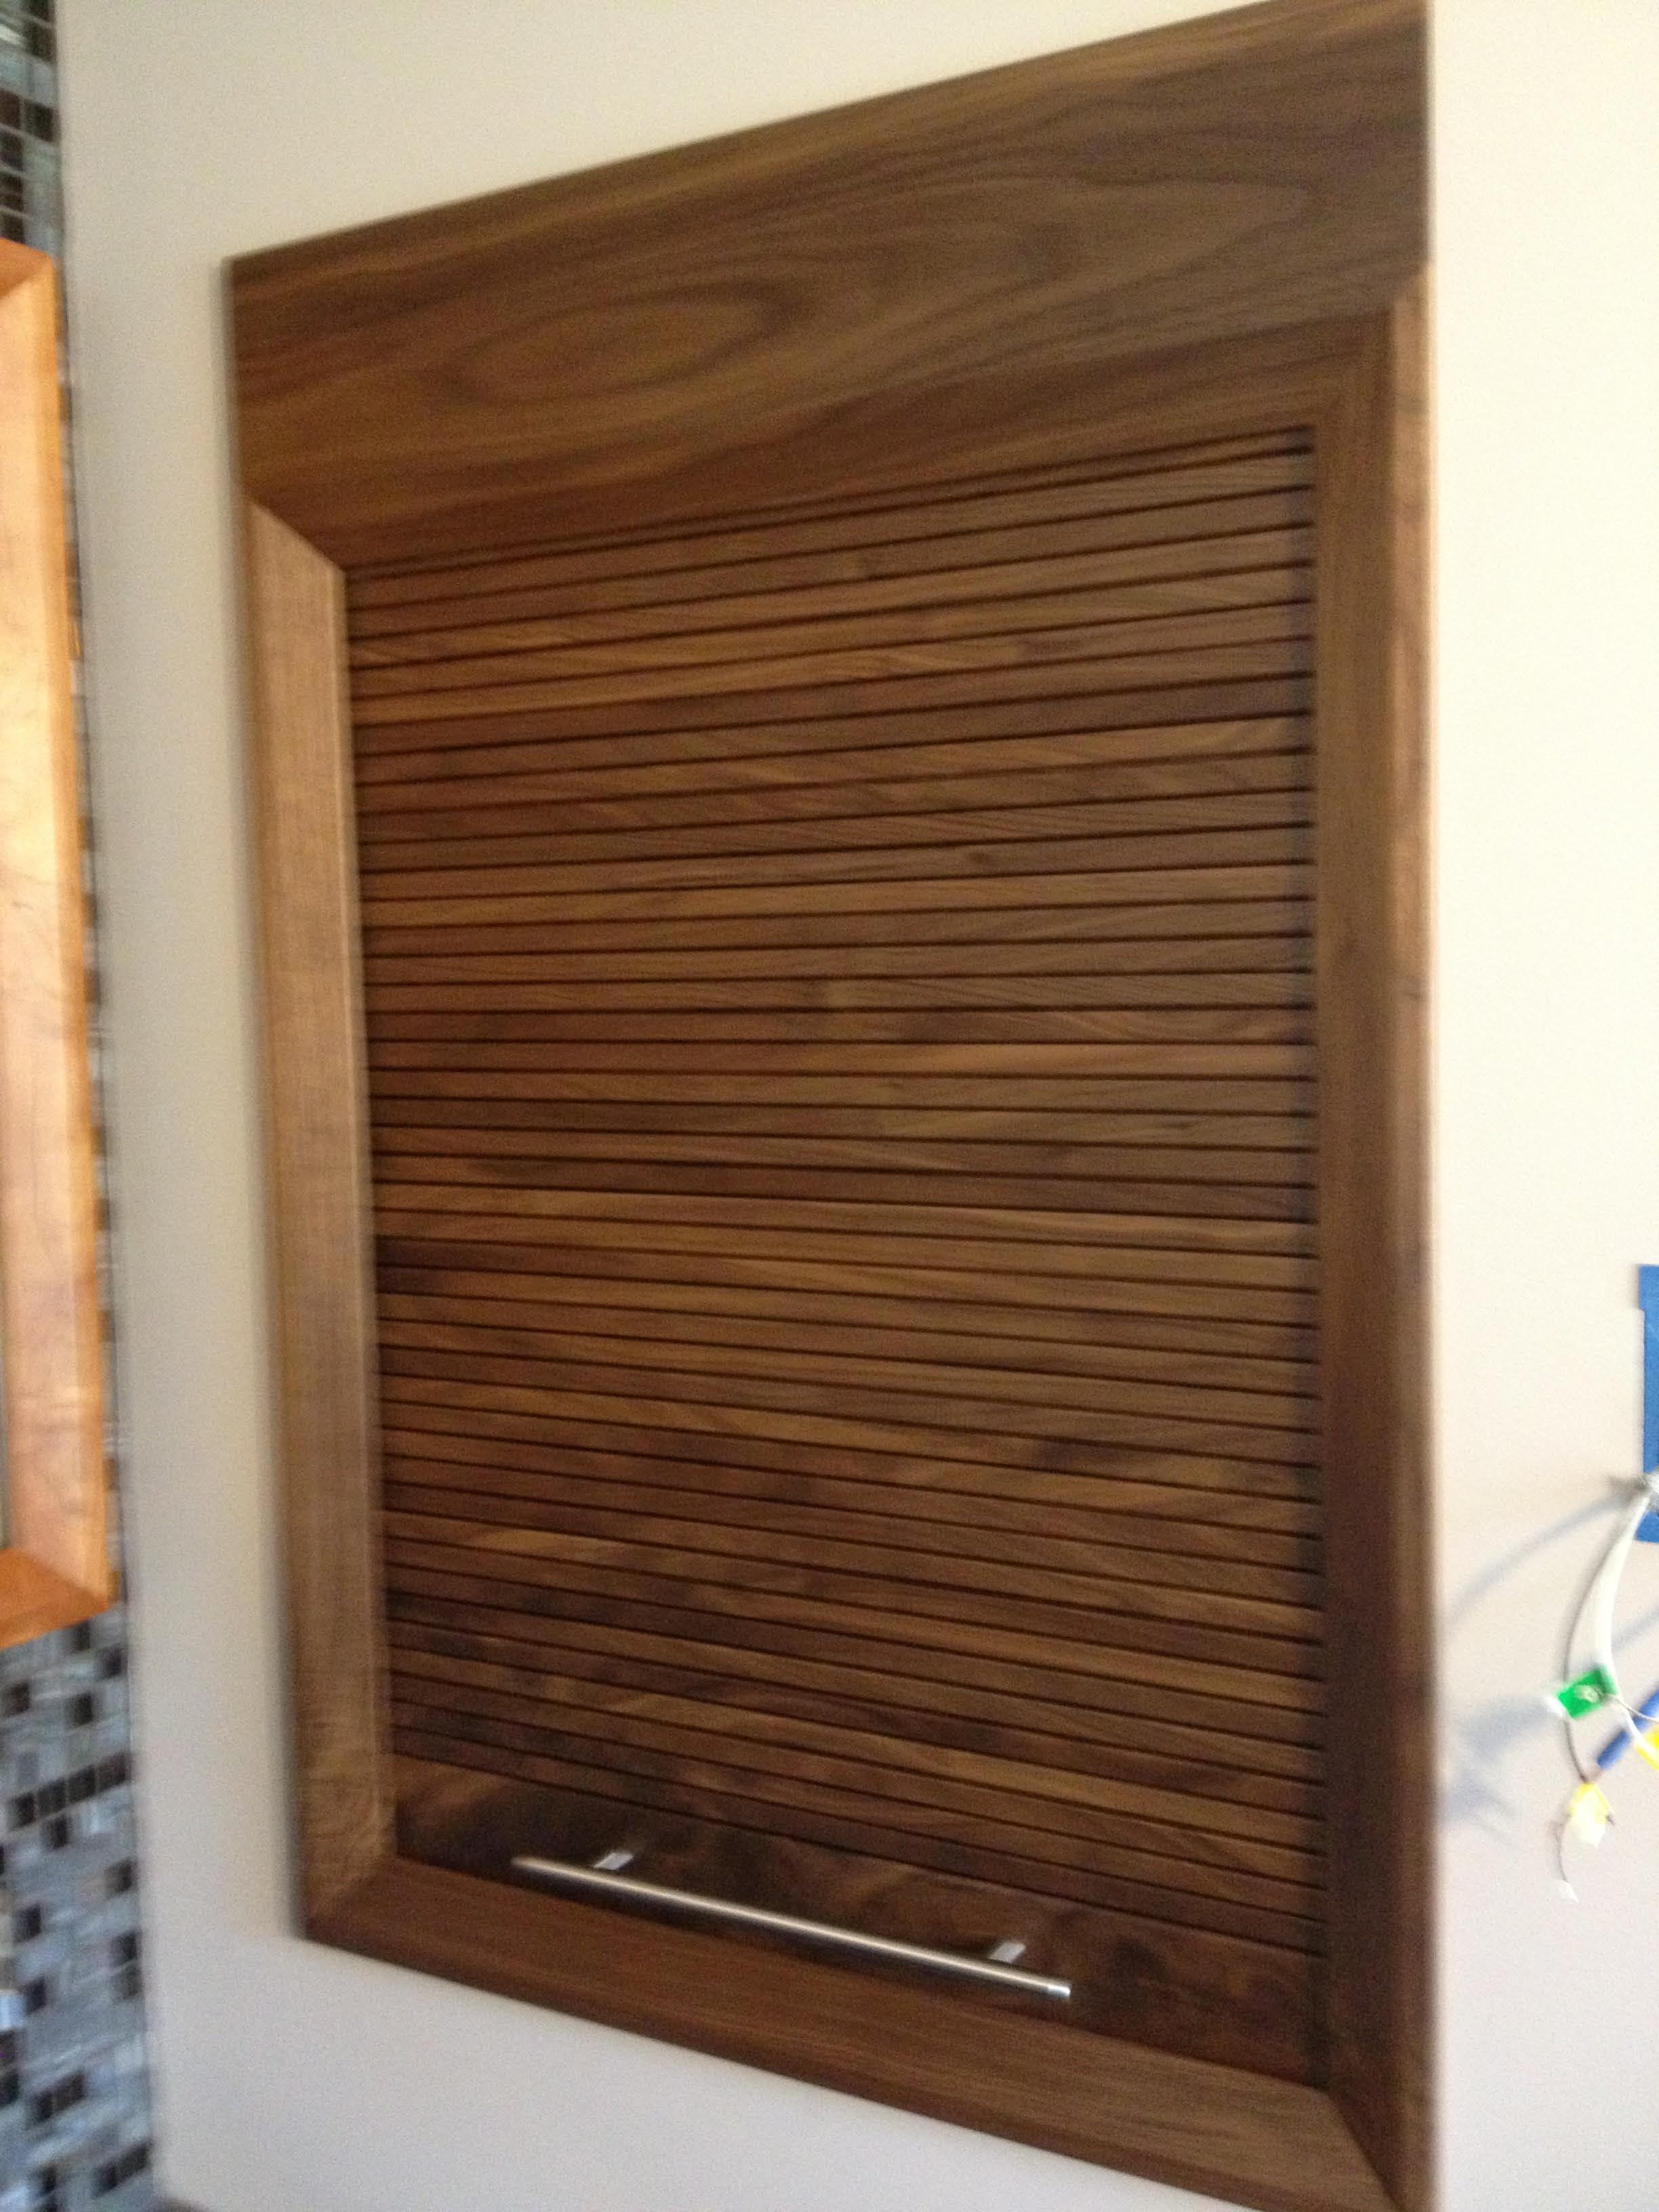 Timber veneer kitchen tambour doors tambortech - Cherry Storage Cabinet W Walnut Trim And Walnut Tambour Door